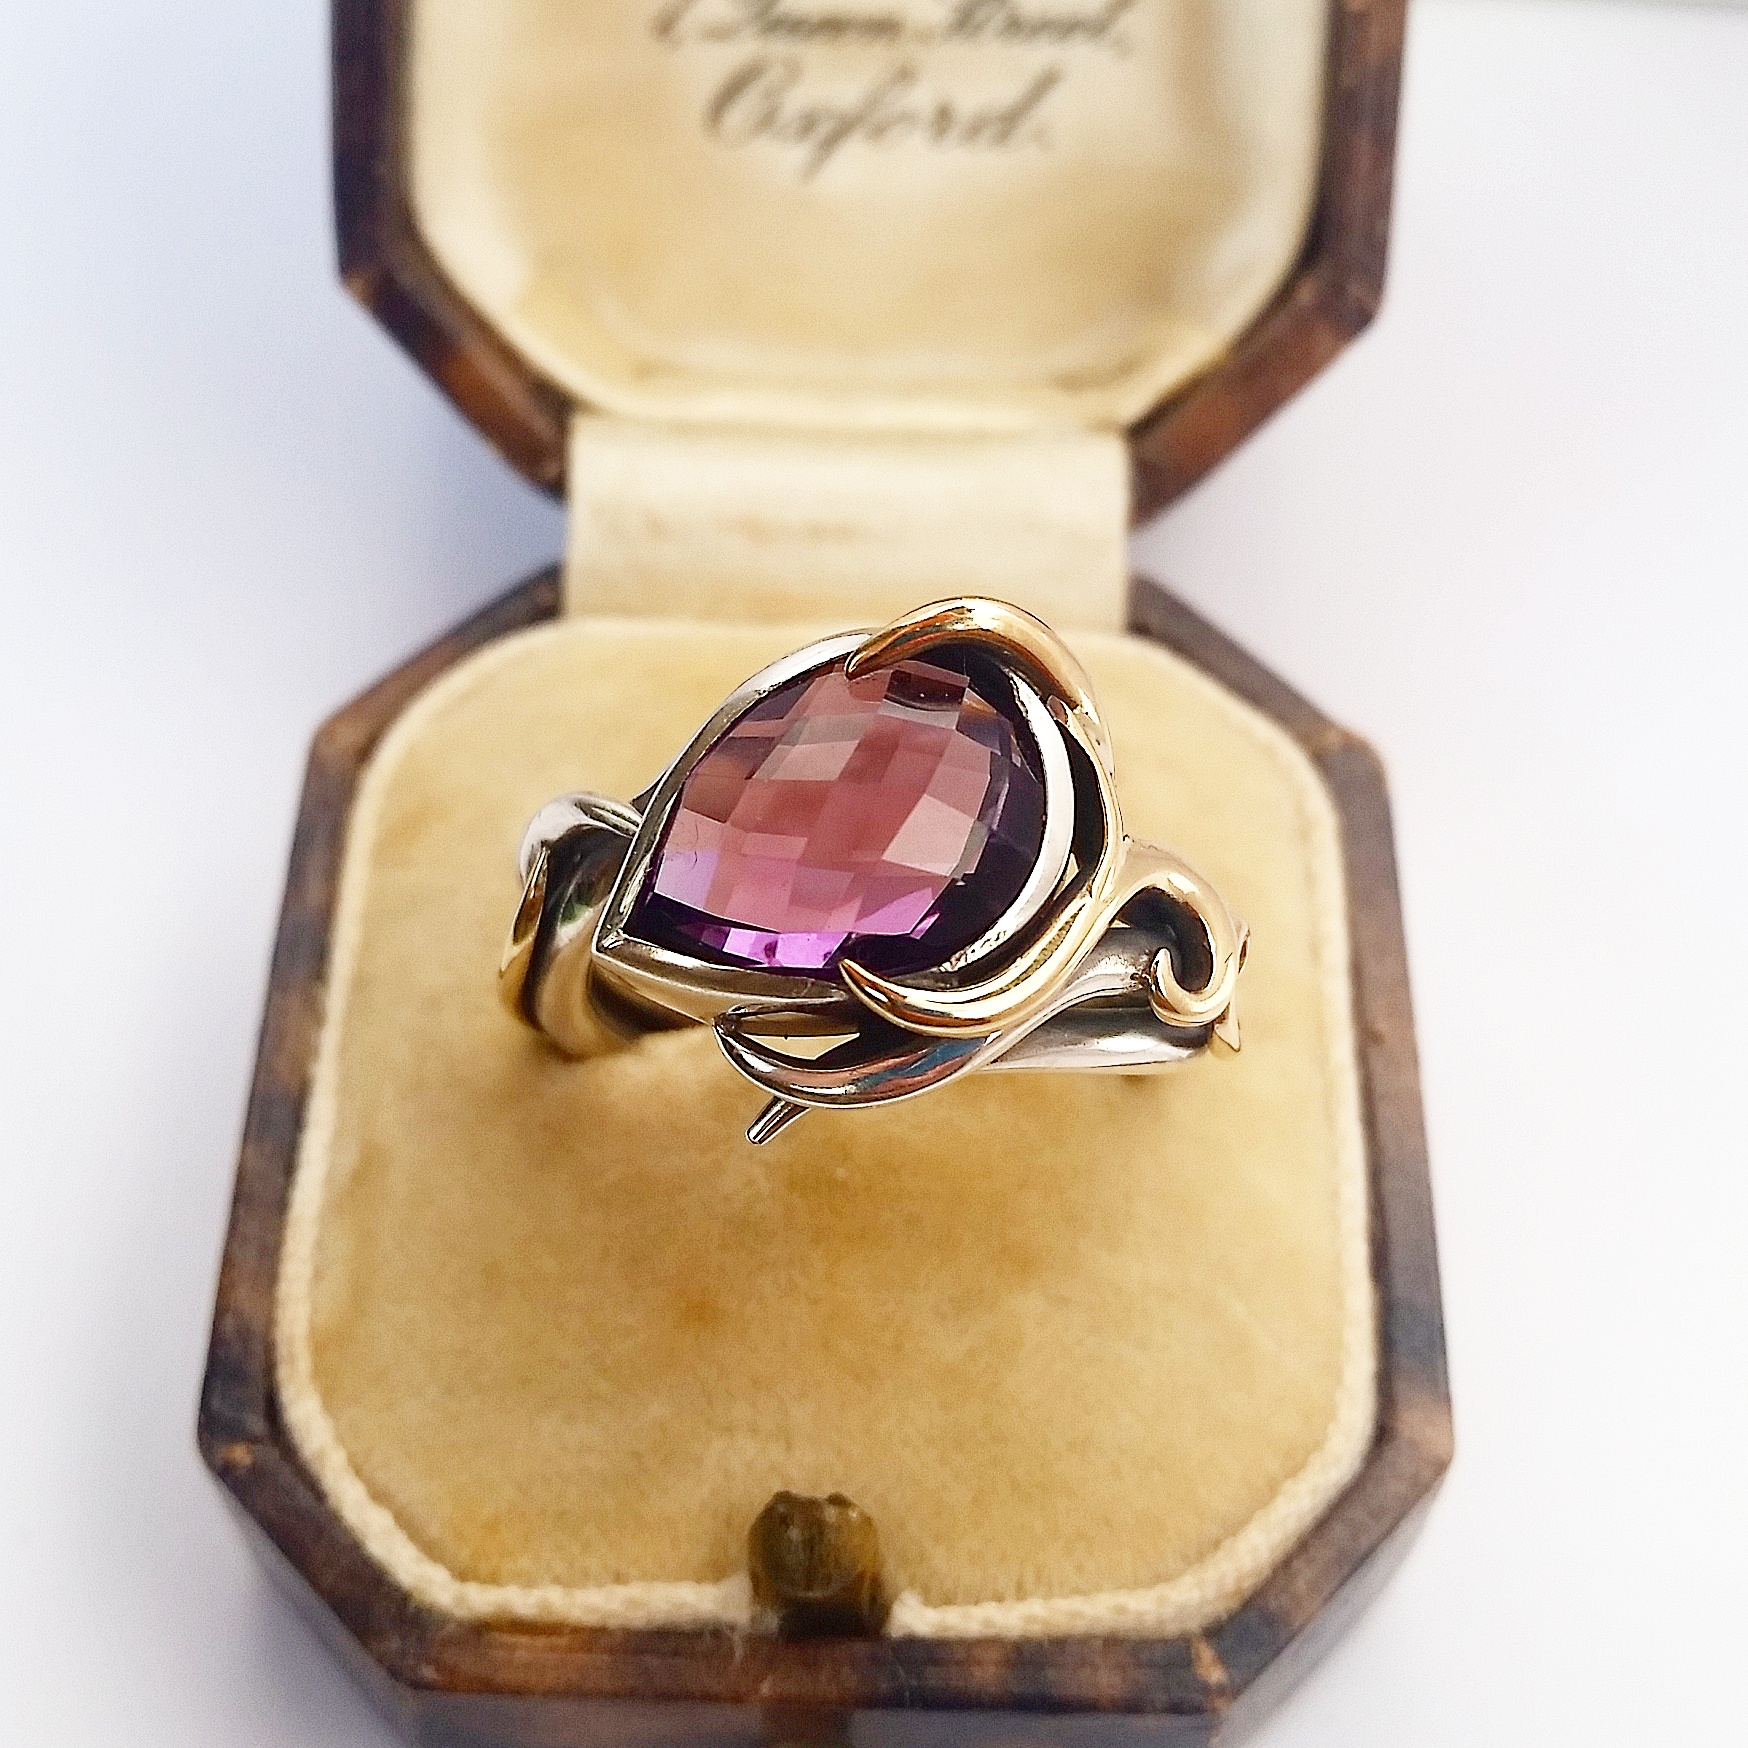 Checkerboard cut purple amethyst ring